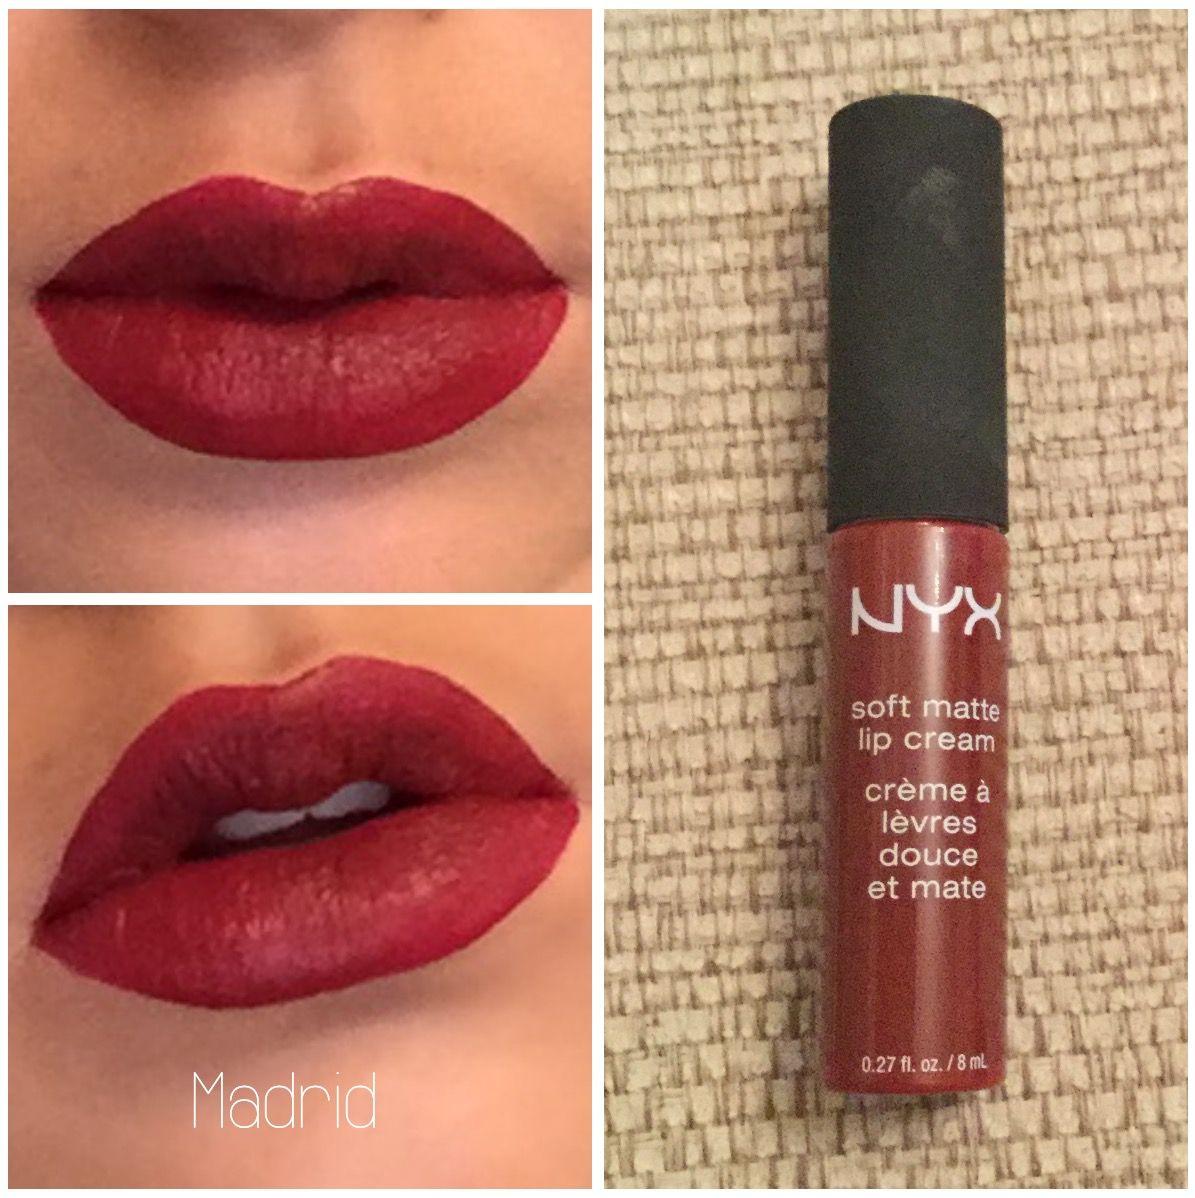 NYX Soft Matte Lip Cream Madrid Nyx soft matte lip